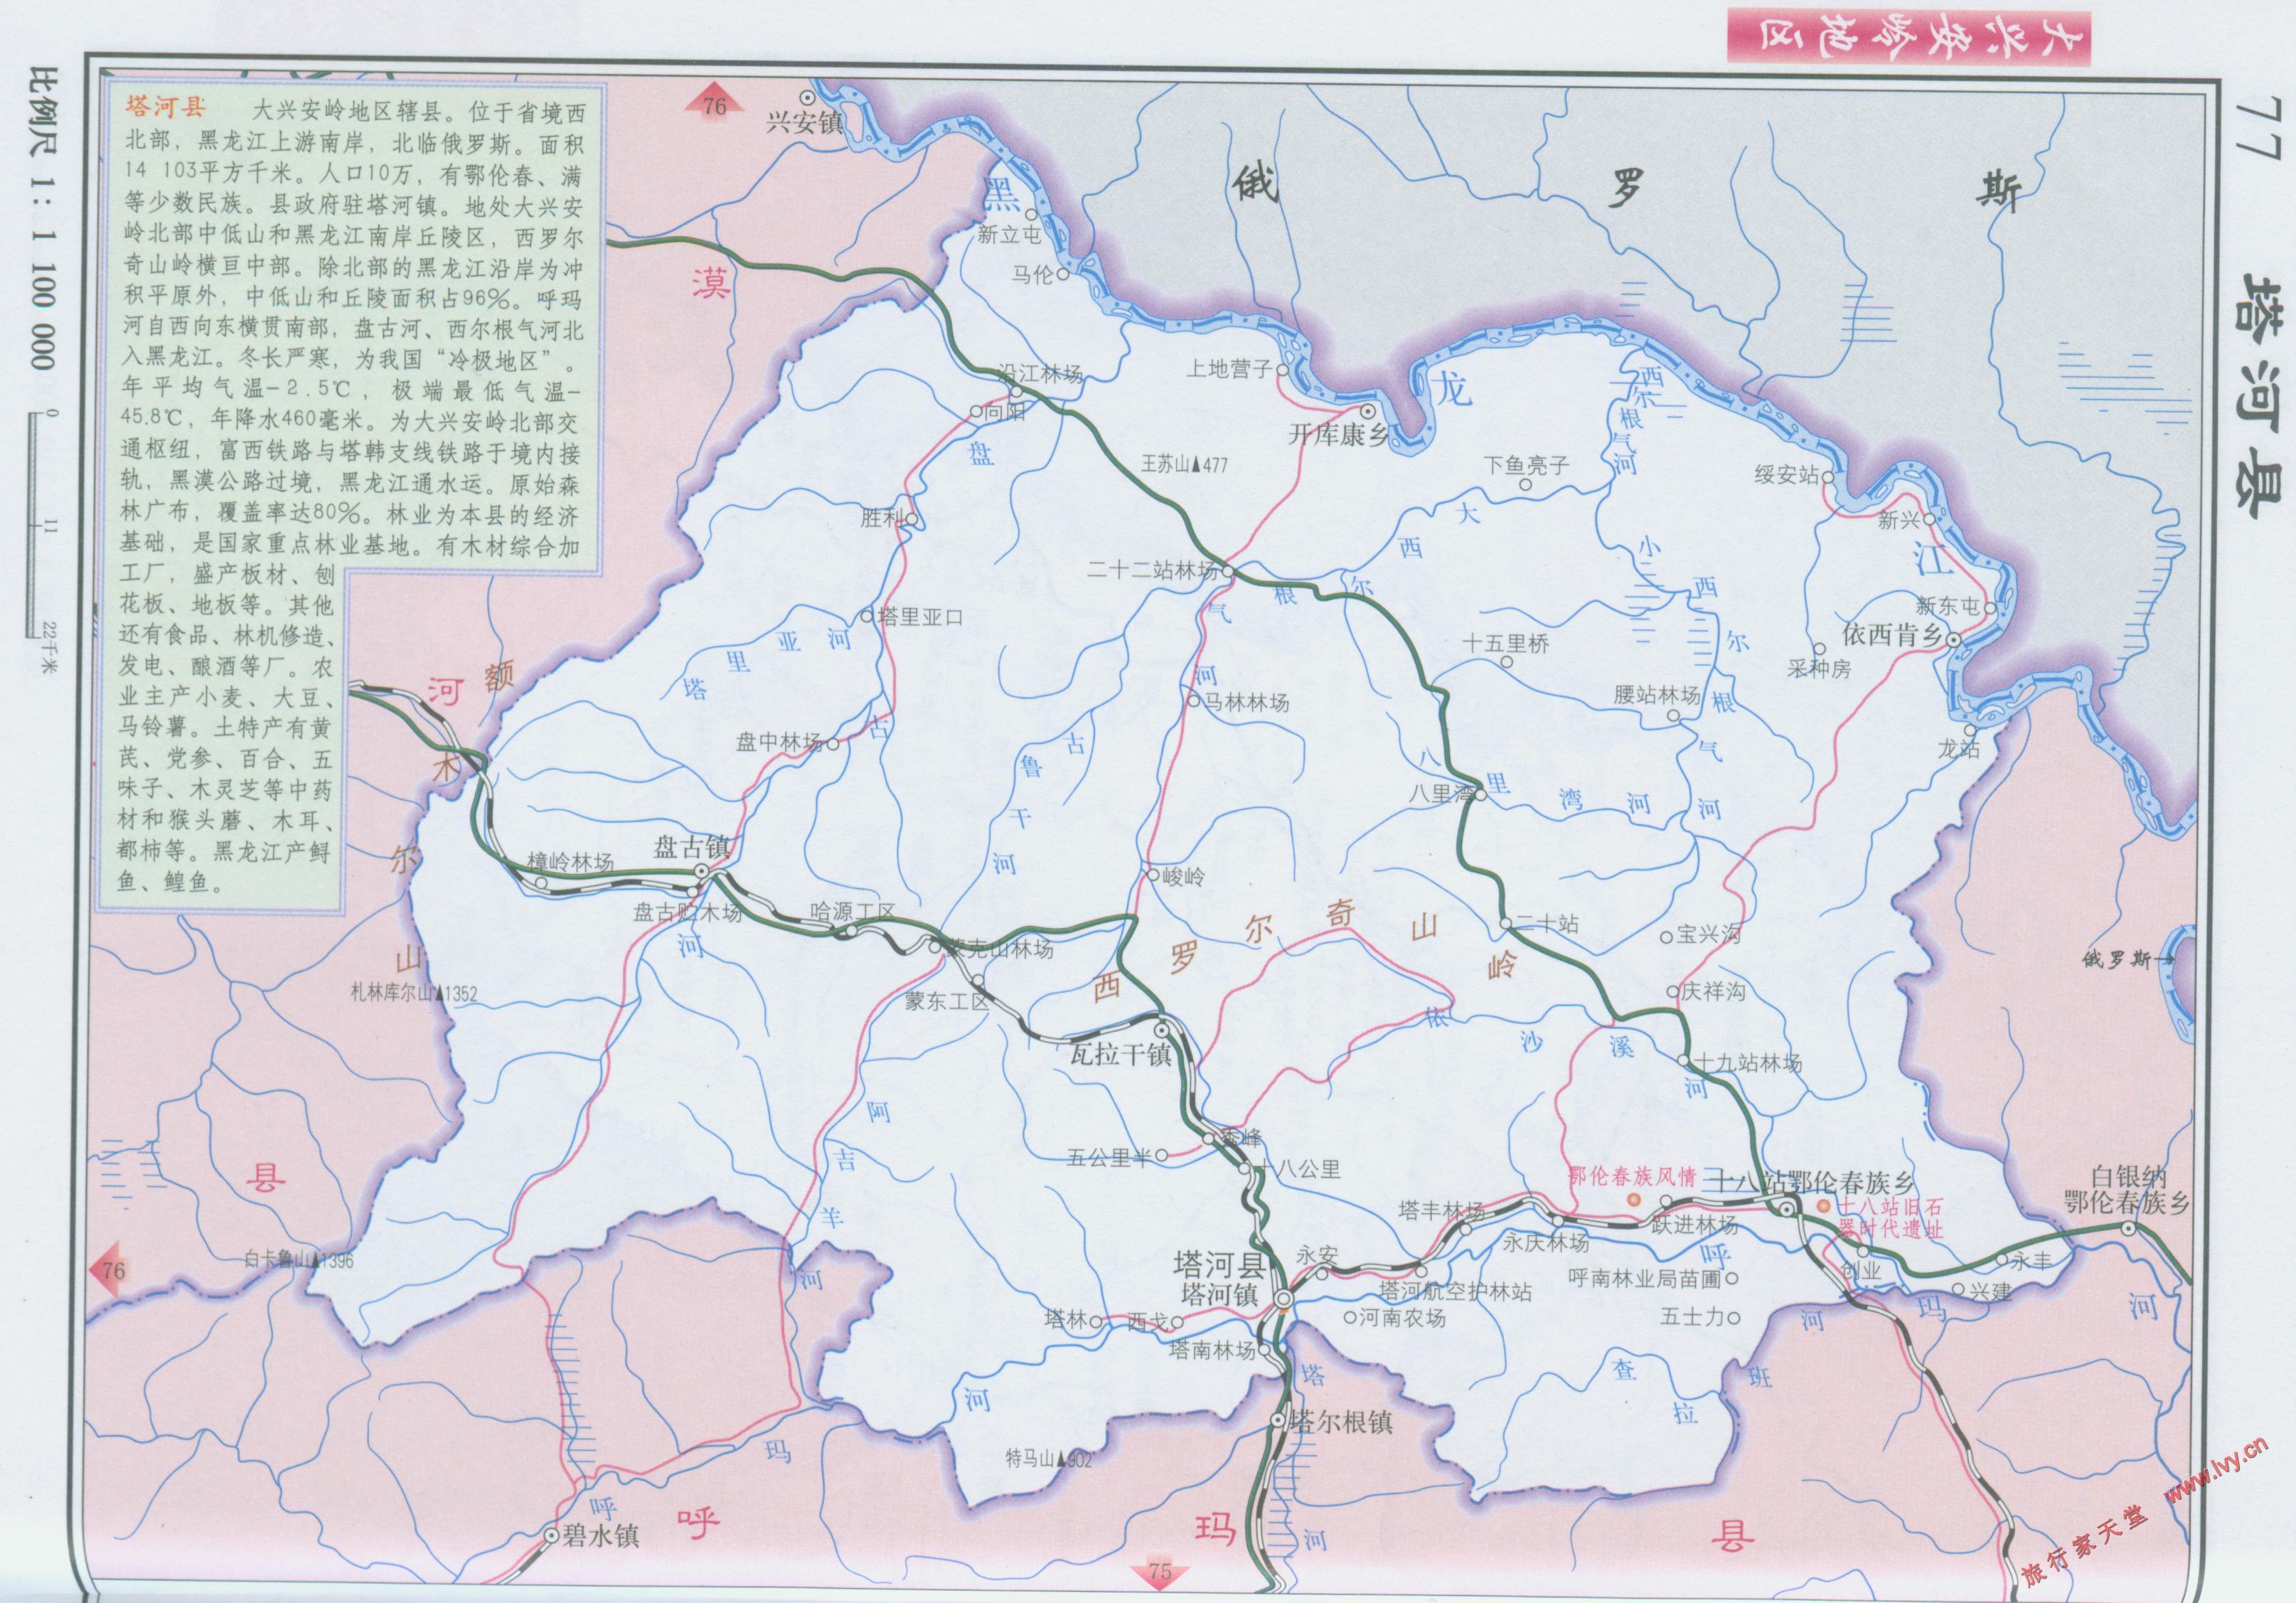 塔河县地图_大兴安岭地图查询